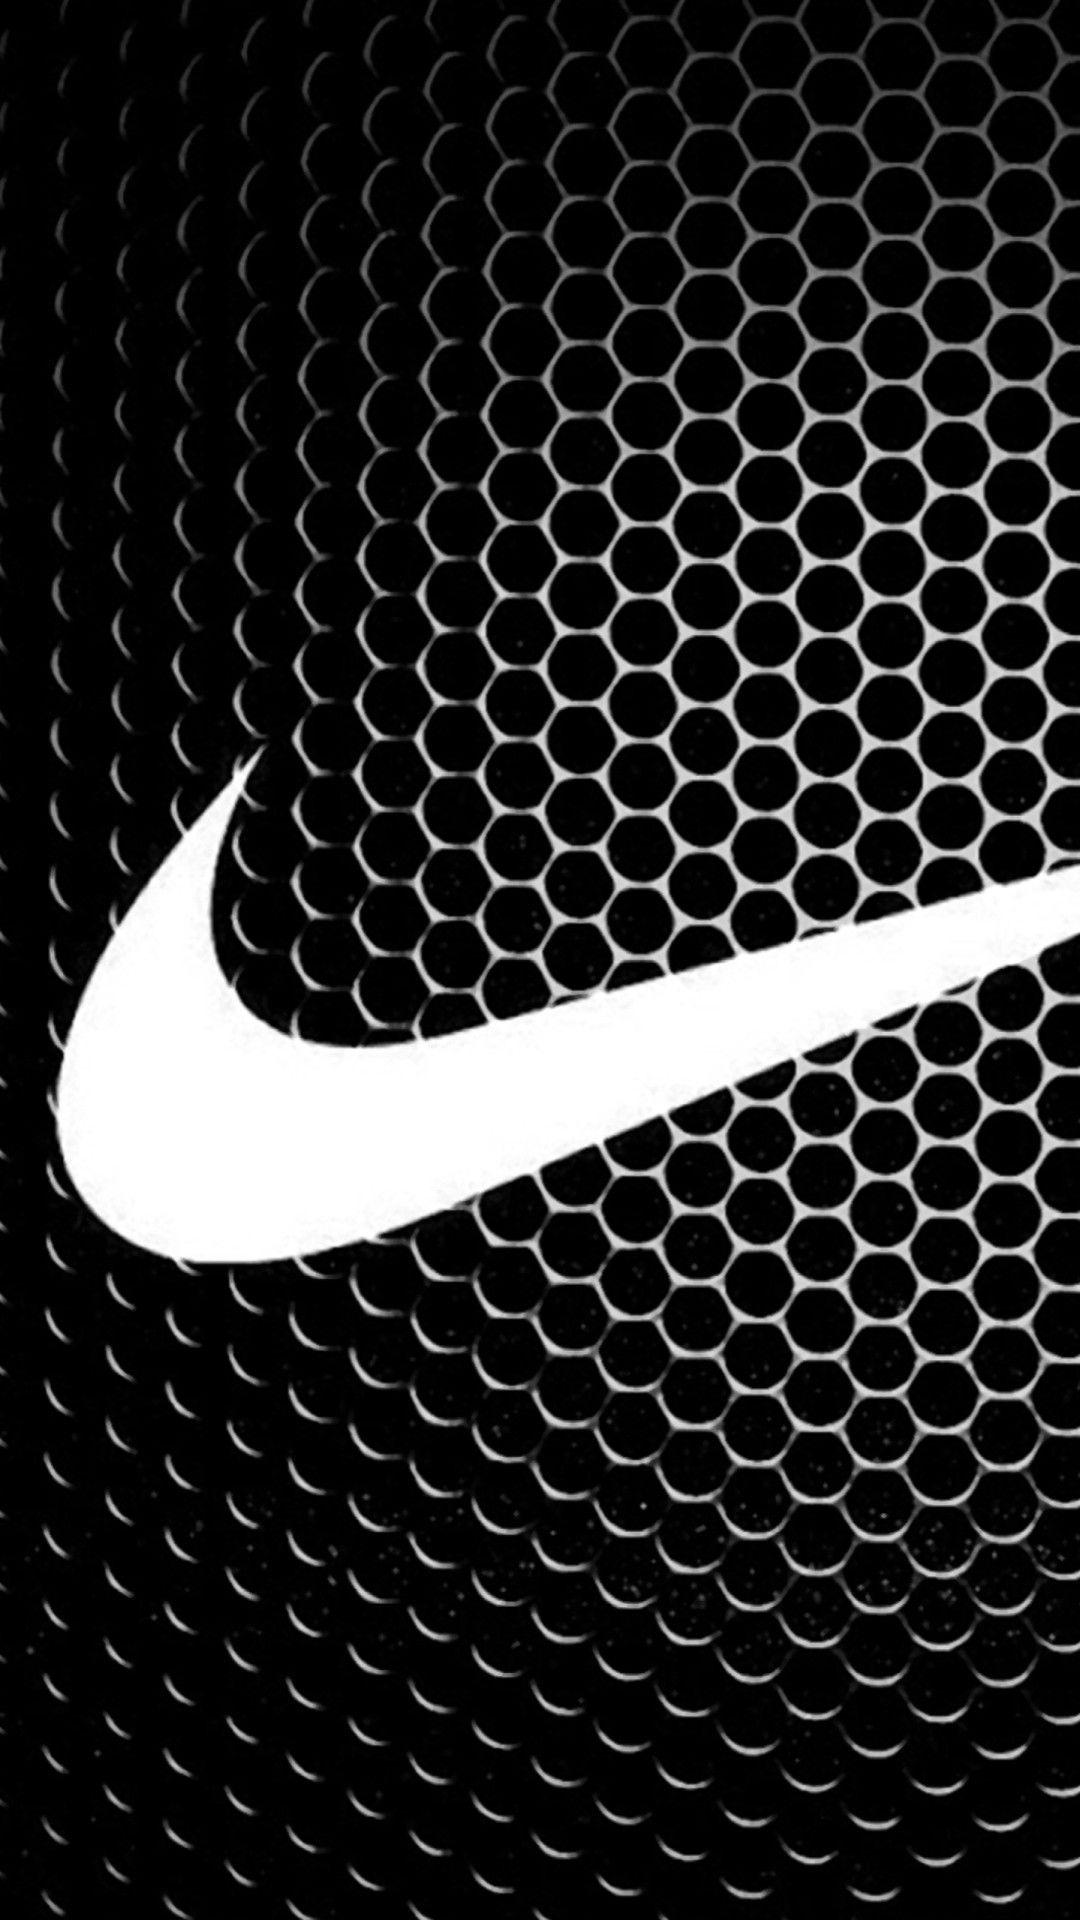 1080x1920 Best Ideas About Nike Wallpaper On Pinterest Nike Logo